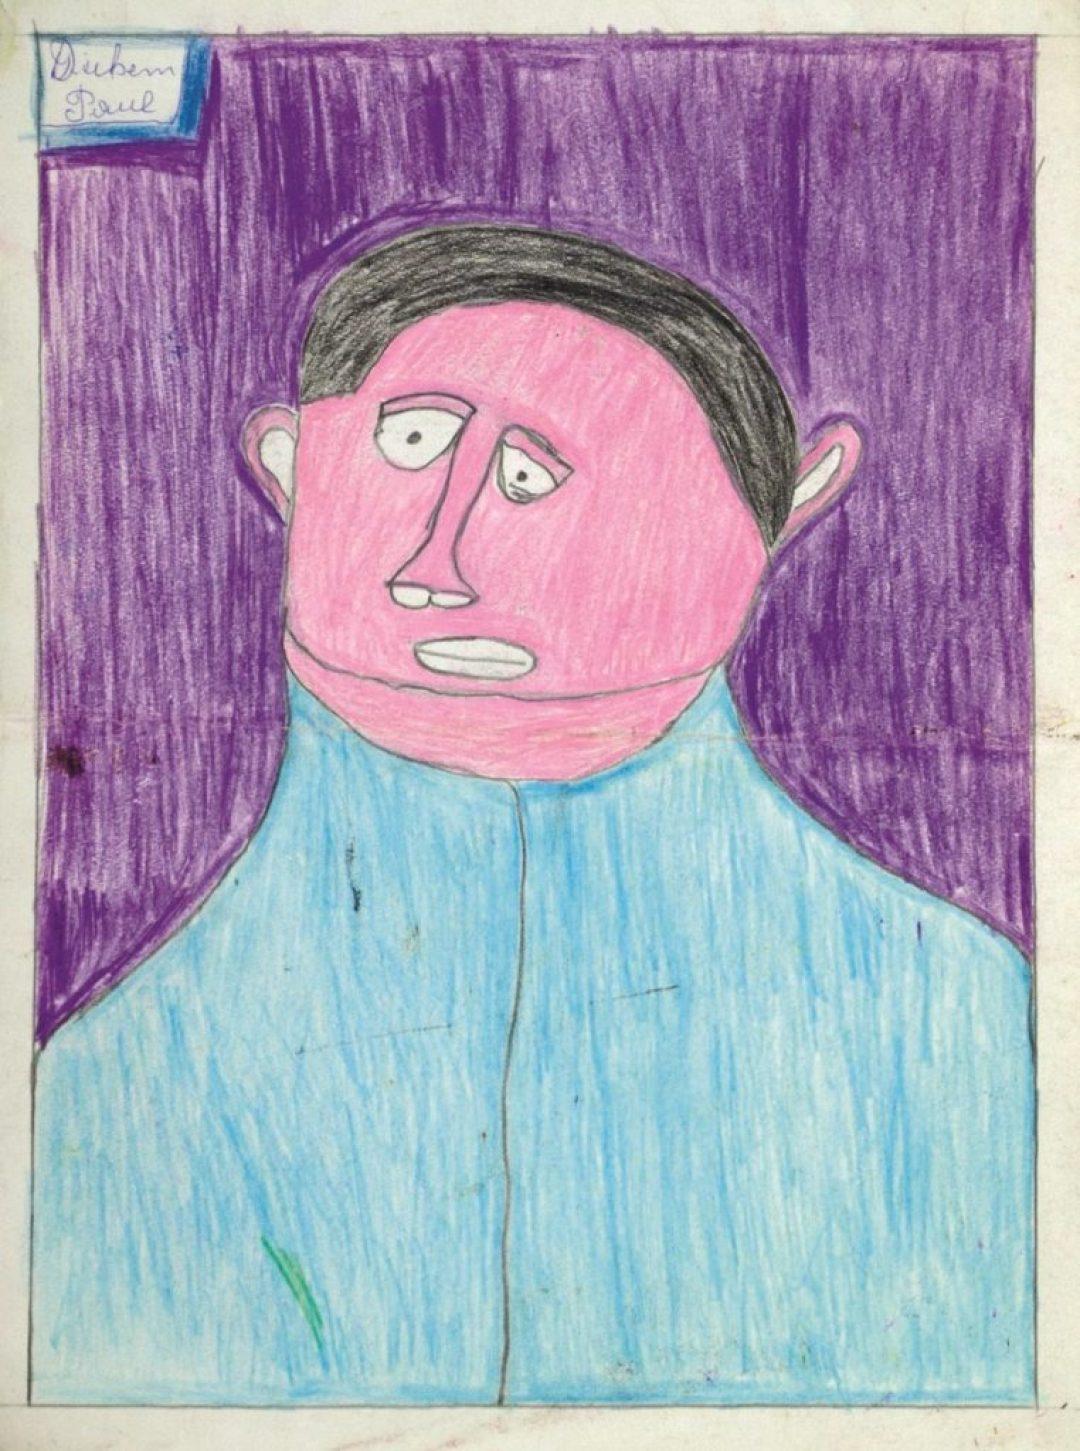 Paul Duhem, sans titre, 1991, crayons de couleur sur papier, 36,5 x 27,5 cm